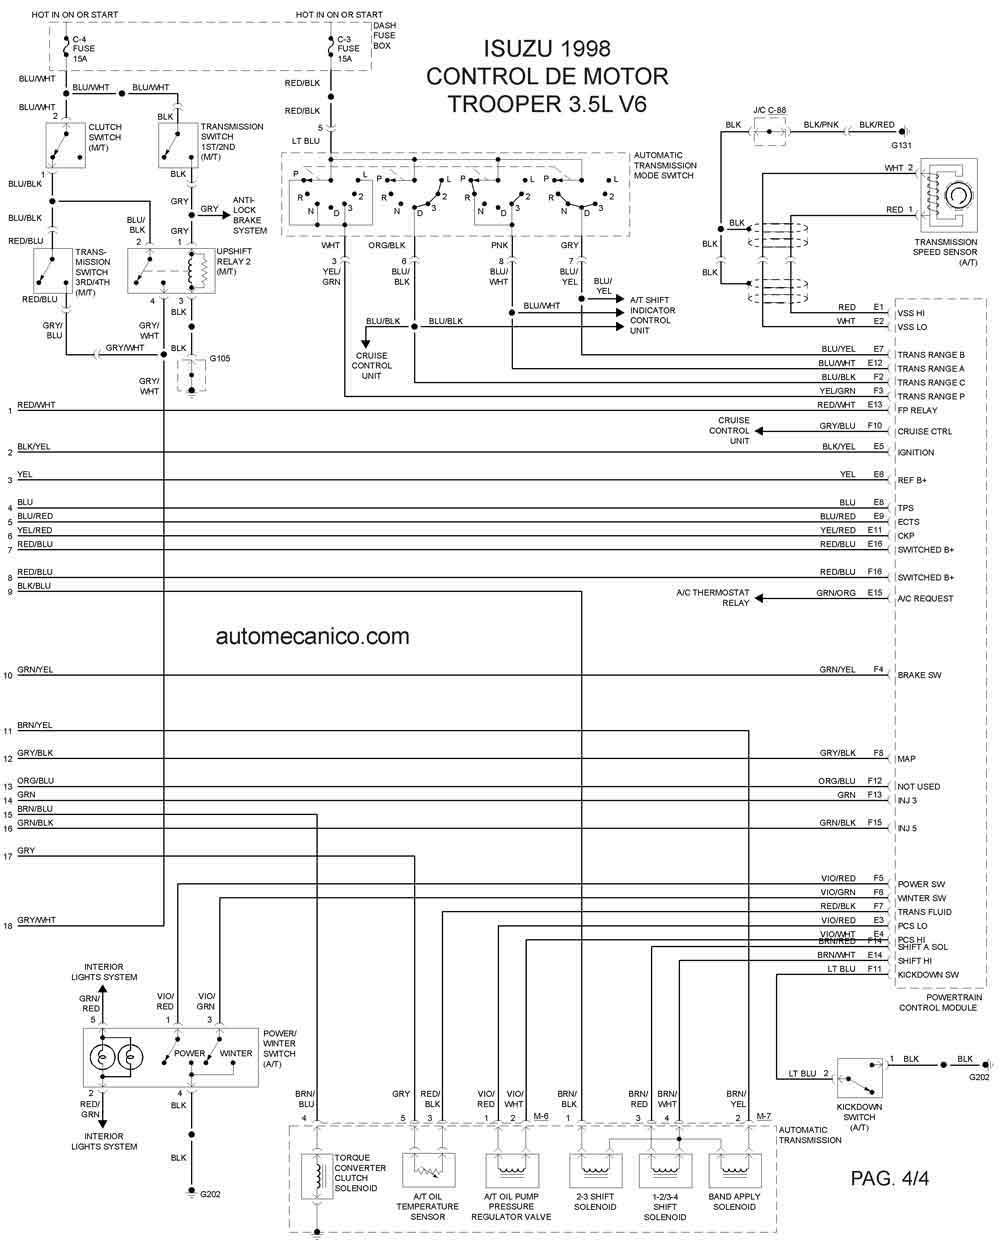 Isuzu 1998 Diagramas Esquemas Graphics Vehiculos Motores Diagrama Electrico Control Del Motor 4